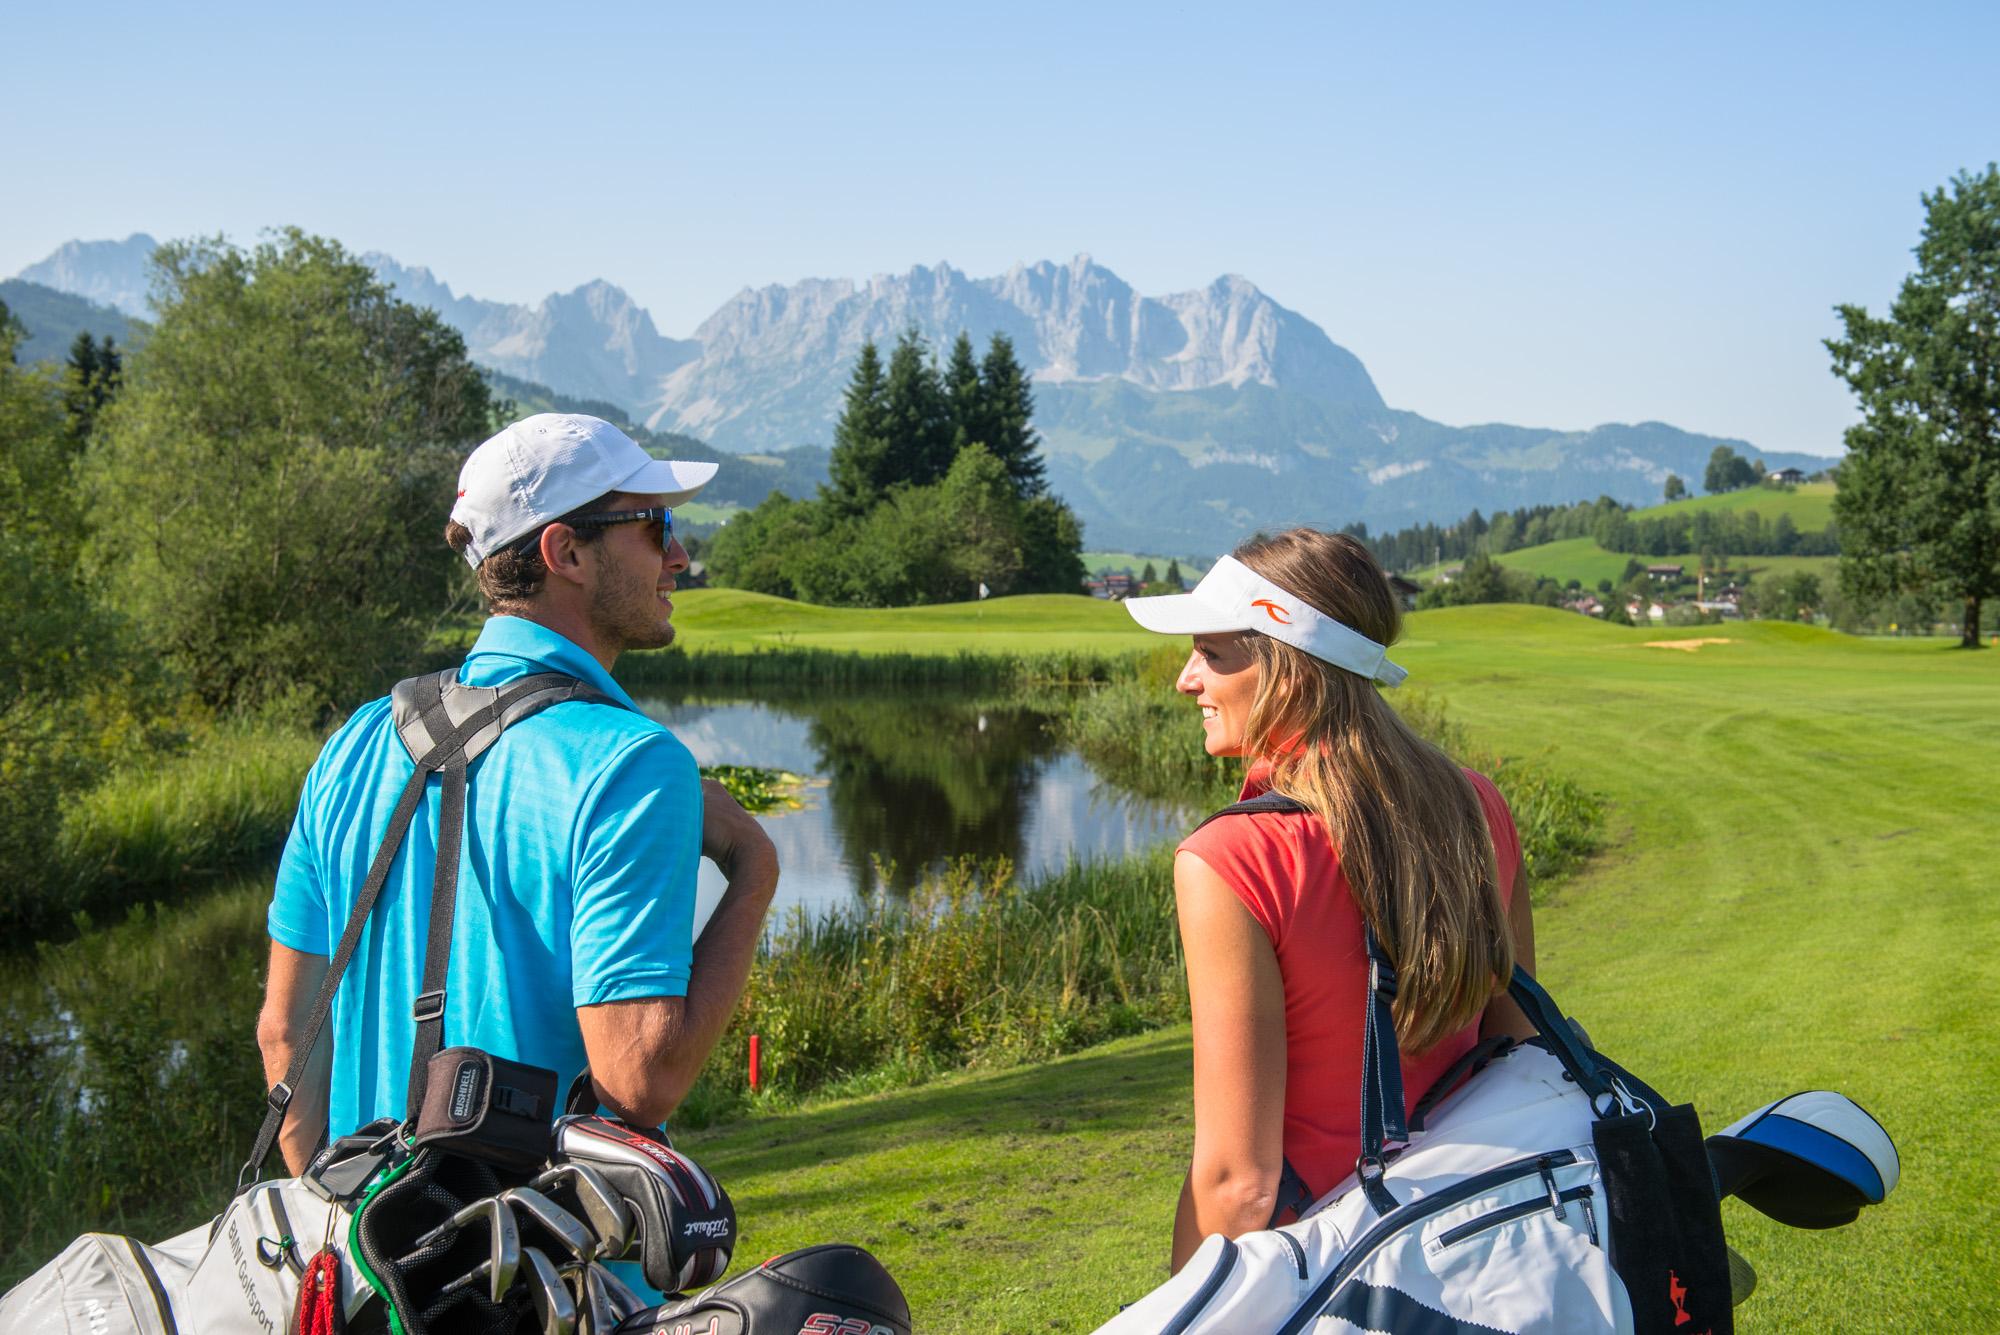 Kitzbühel Golfplatz Mann und Frau Golfen